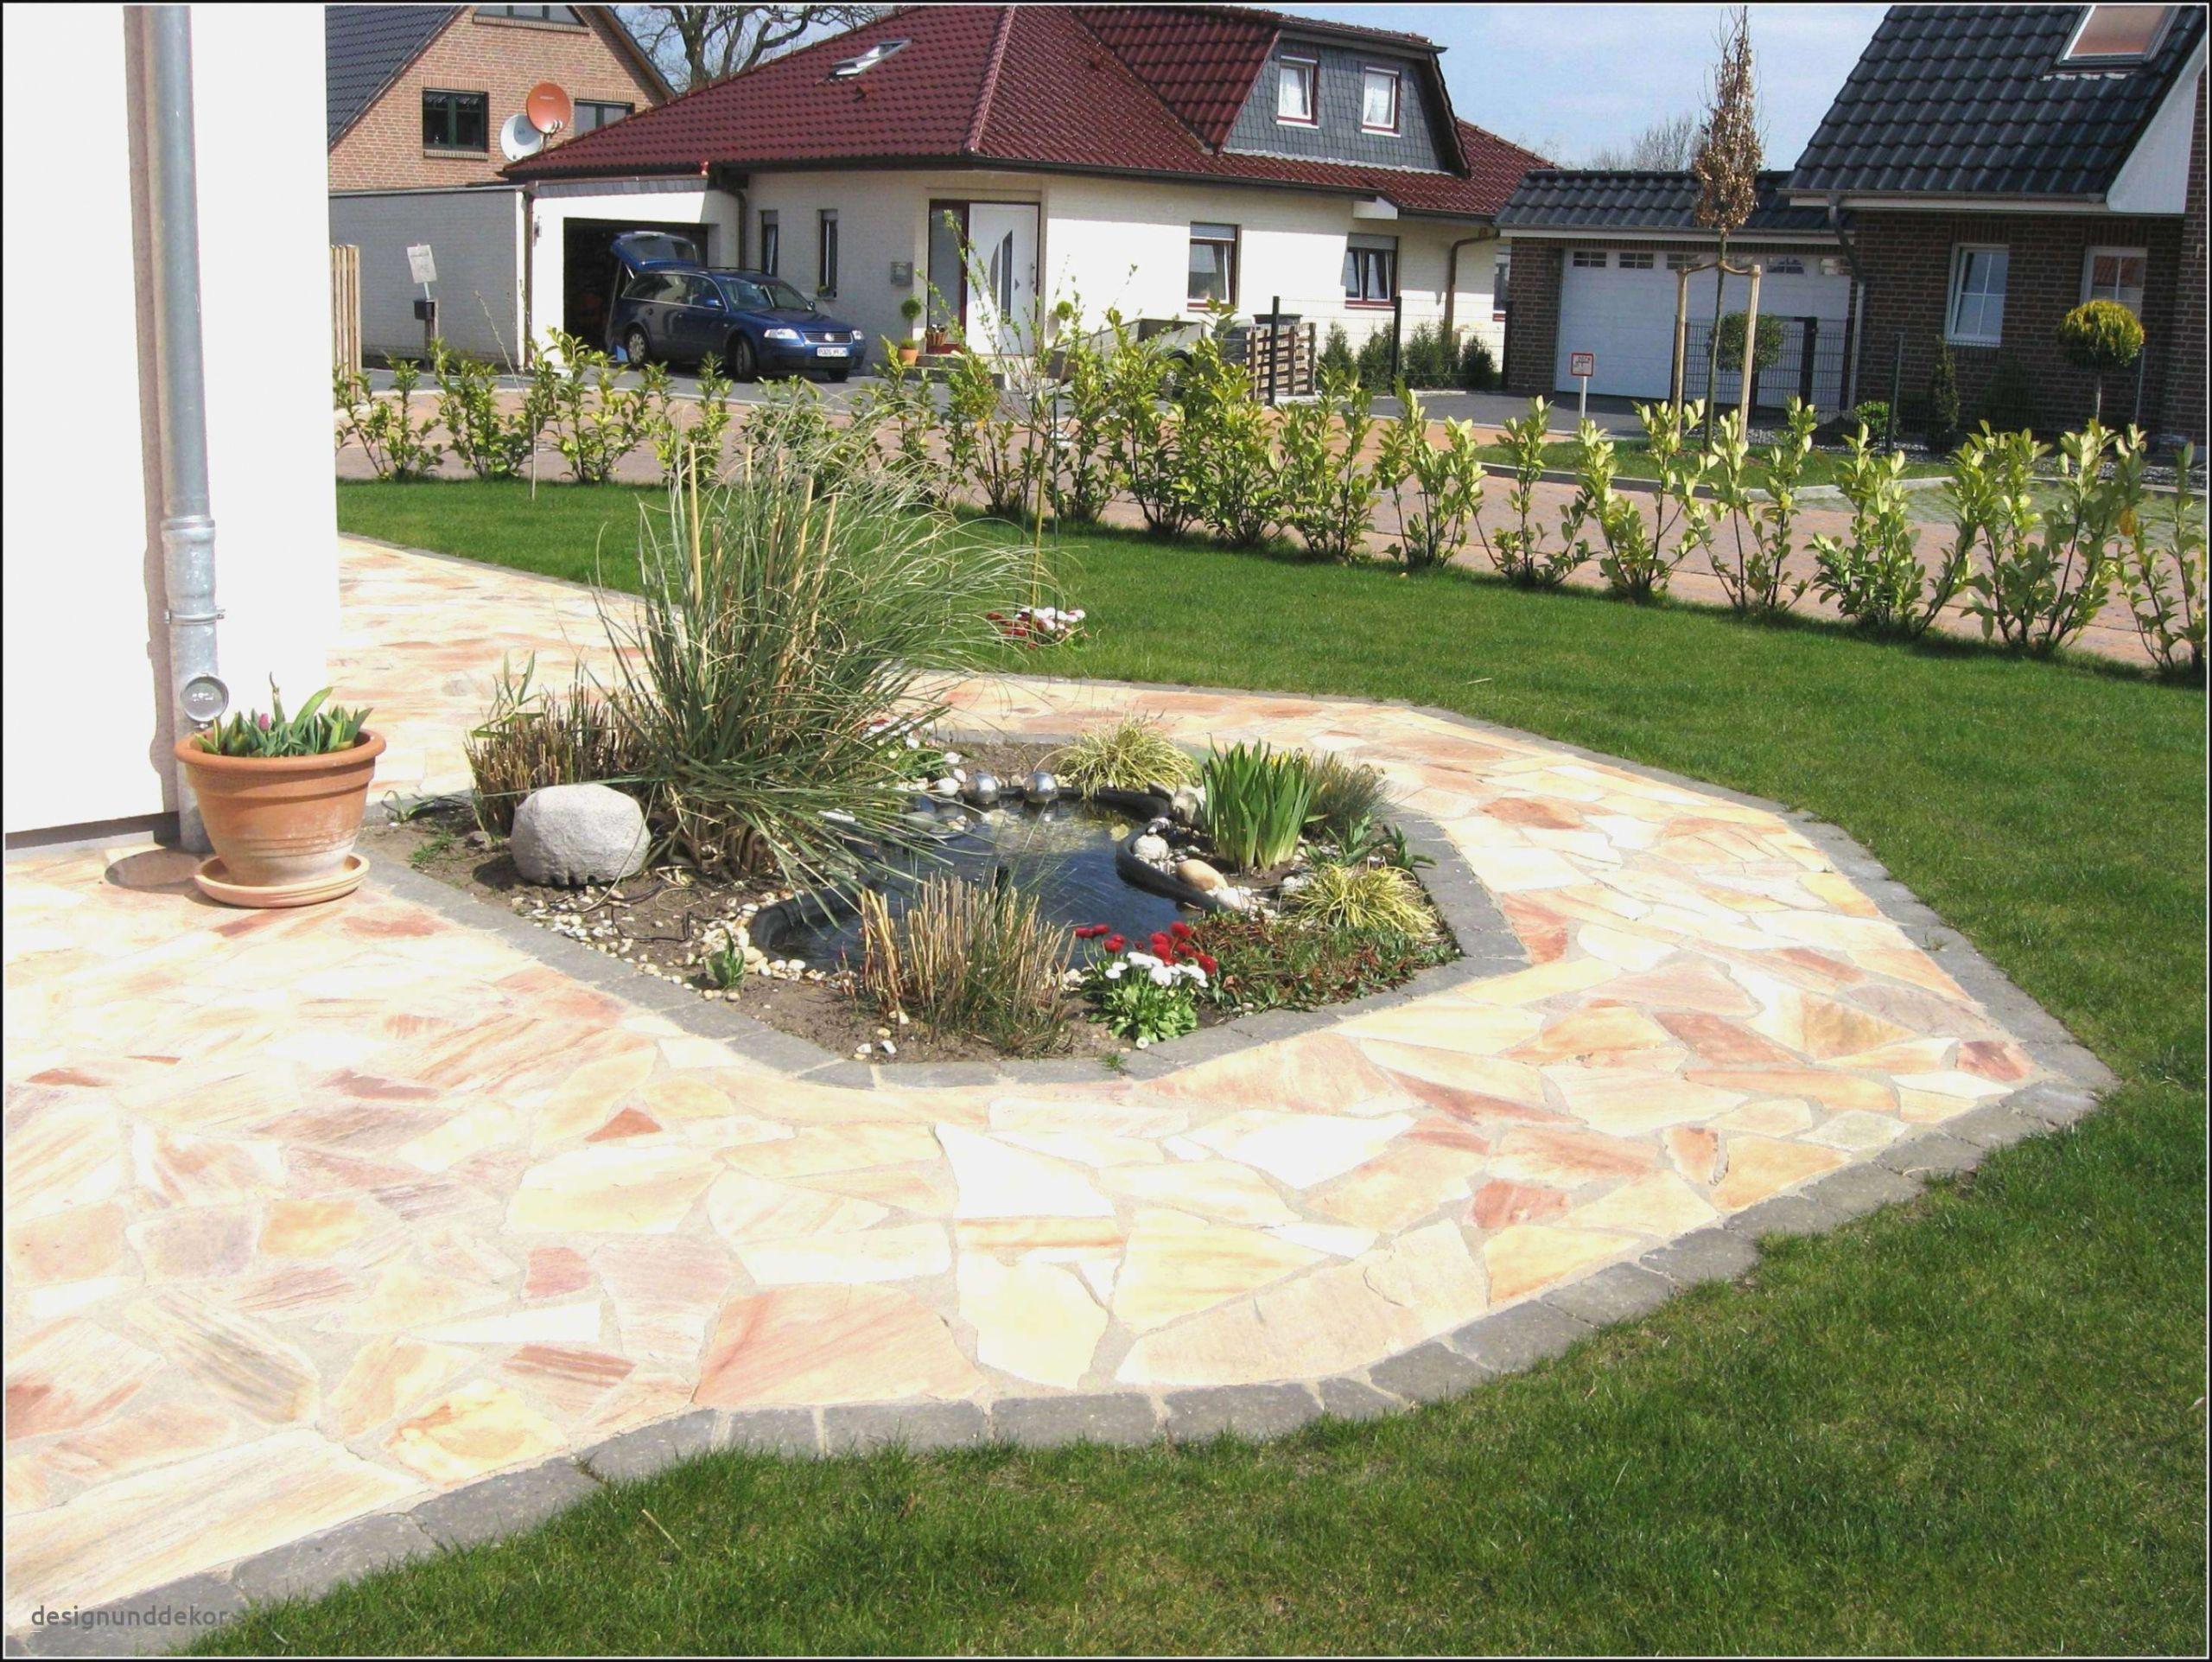 Gartengestaltung Steine Schön Gartengestaltung Ideen Mit Steinen — Temobardz Home Blog